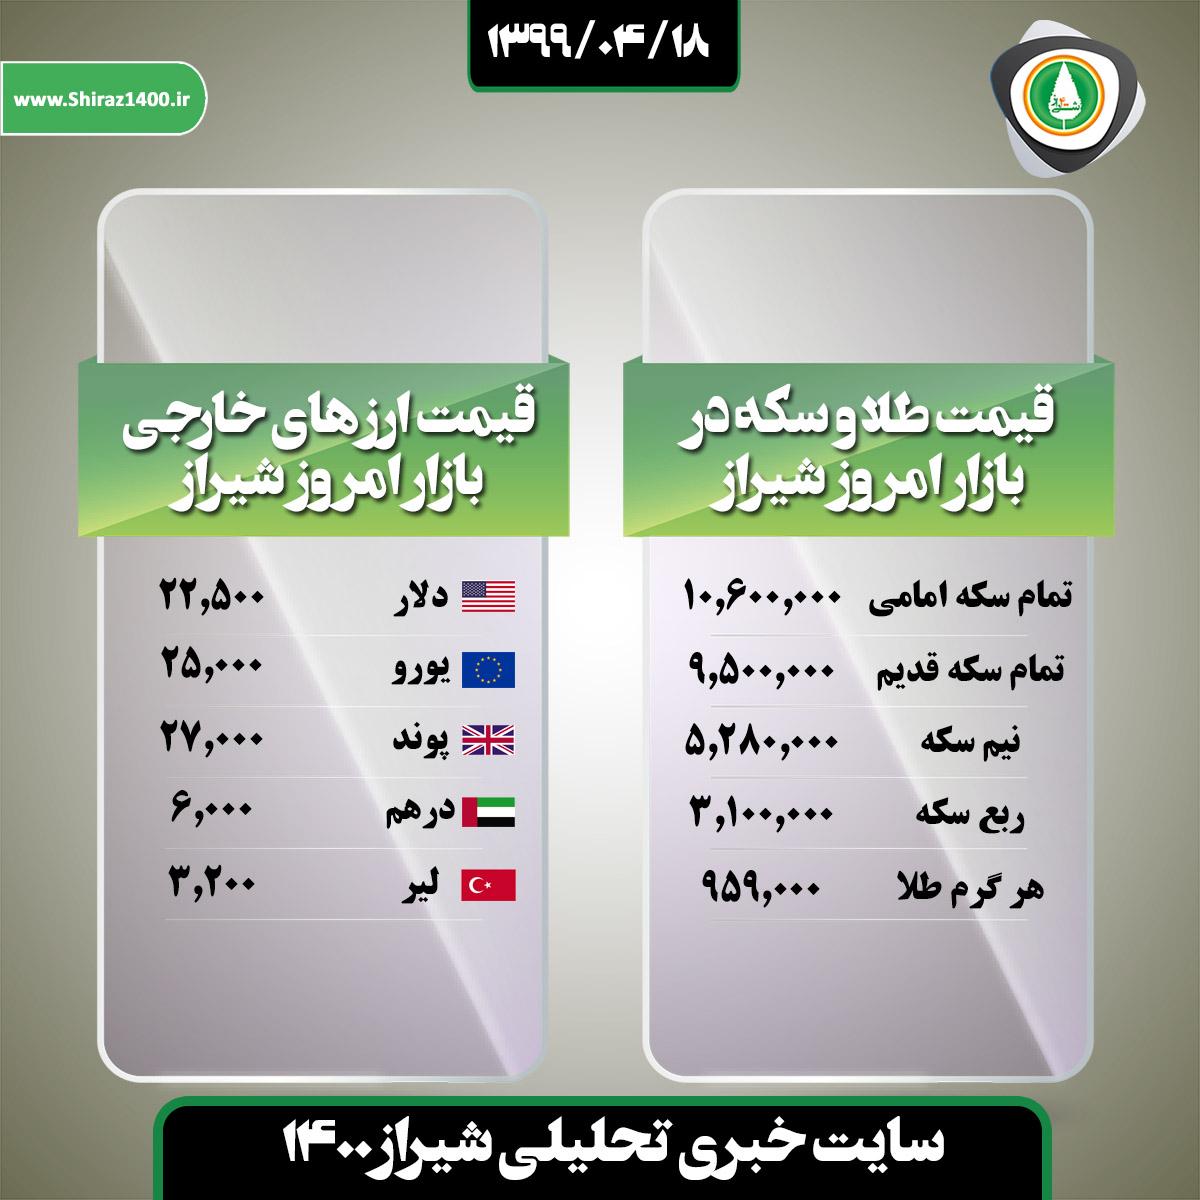 قیمت طلا و ارز در بازار امروز شیراز / ۱۸ تیر ۹۹